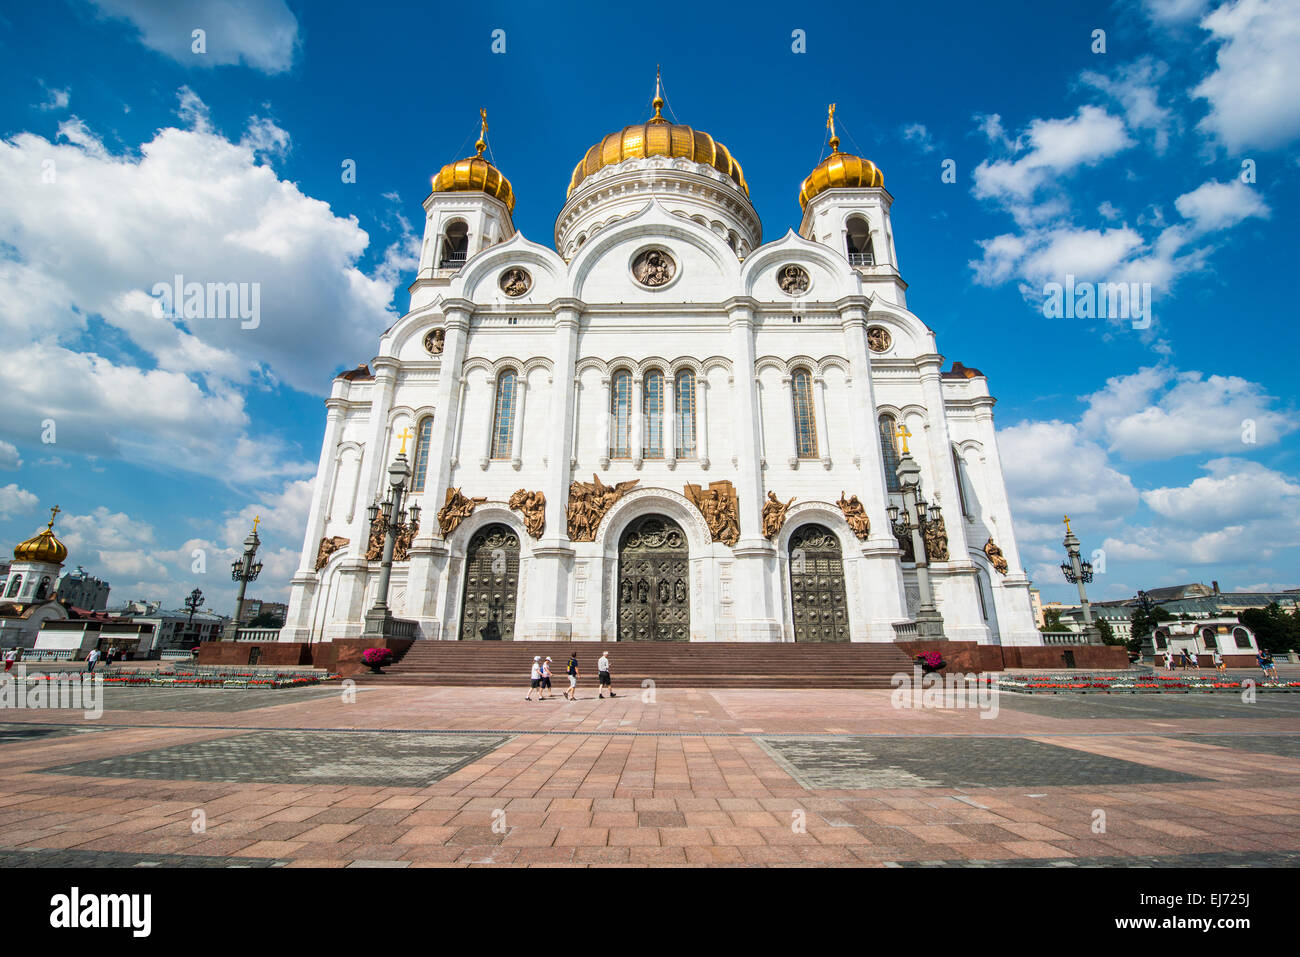 Cathédrale de Christ le Sauveur, Moscou, Russie Photo Stock